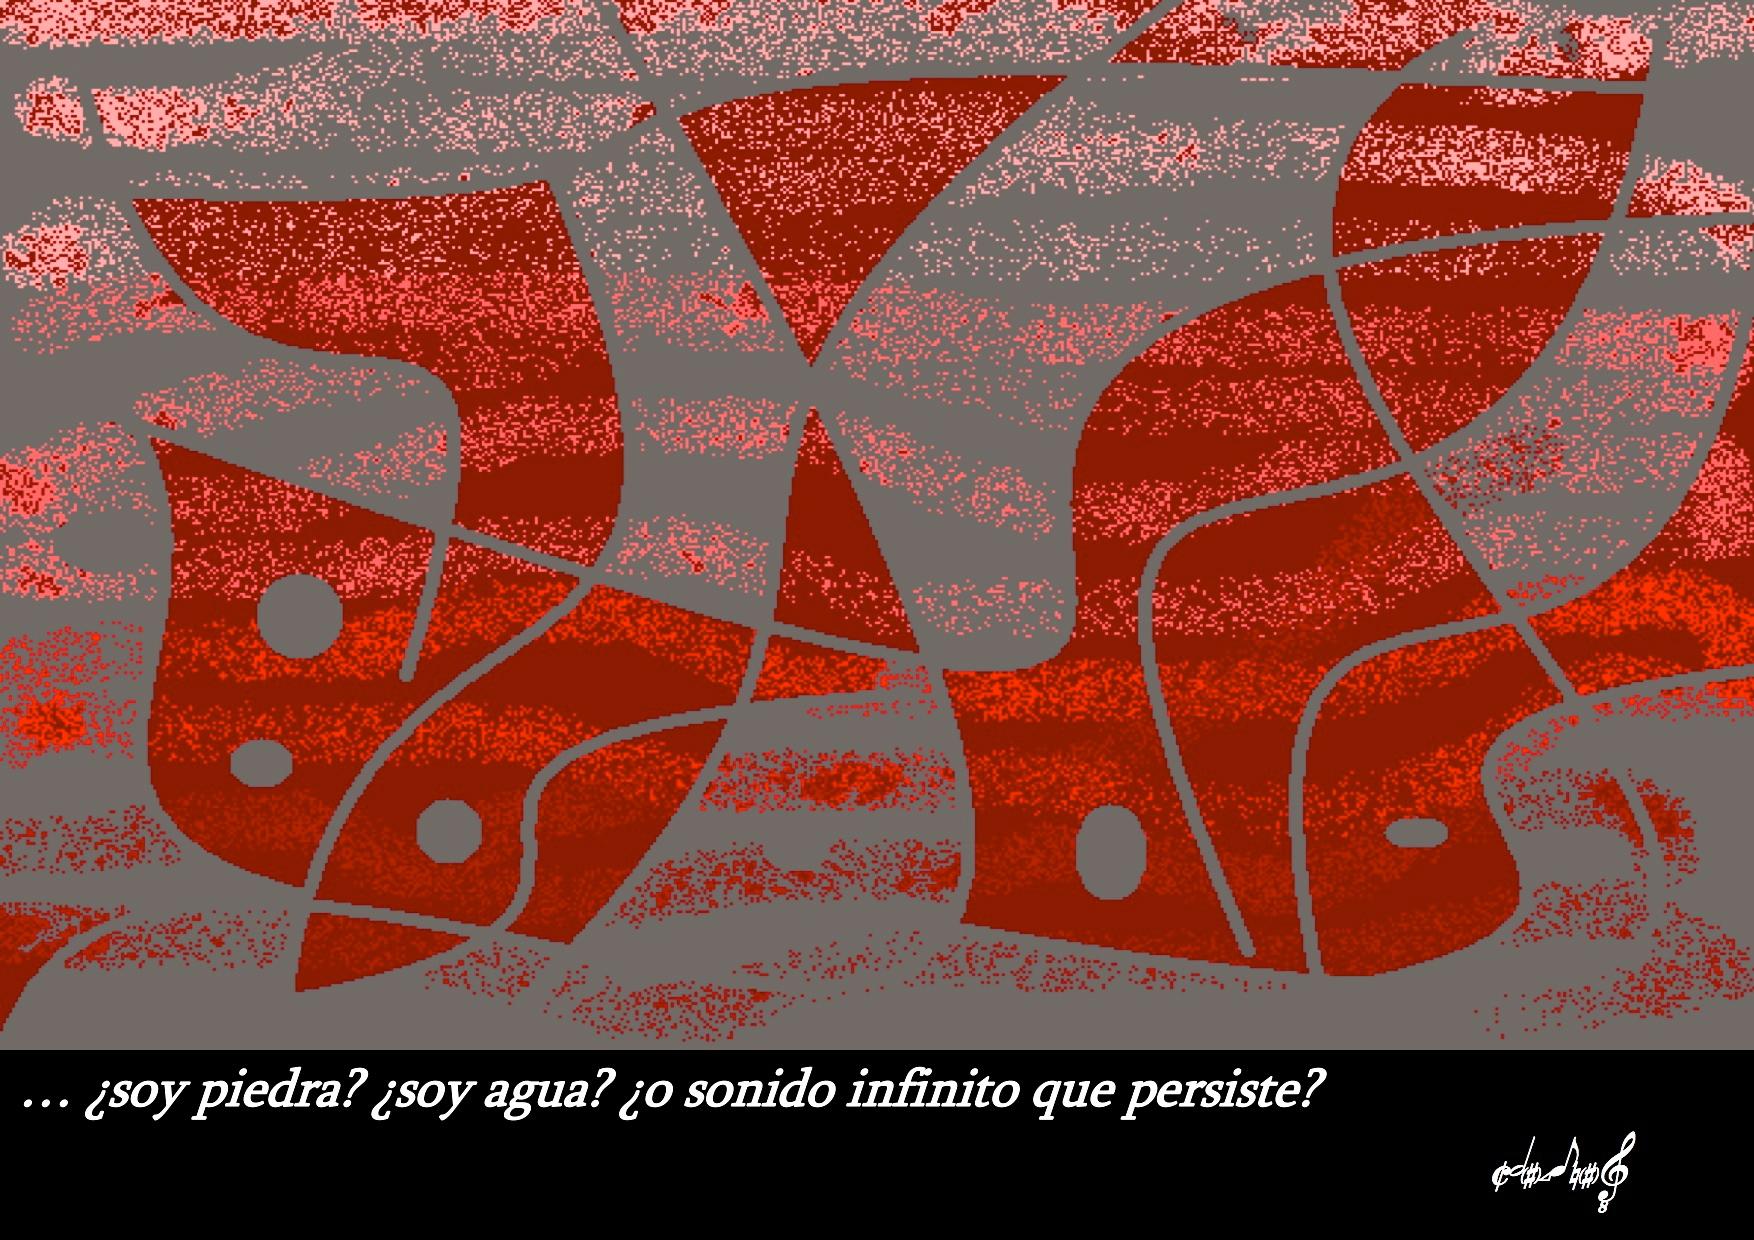 POEMAS_PINTURAS_soy piedra de_Chalena